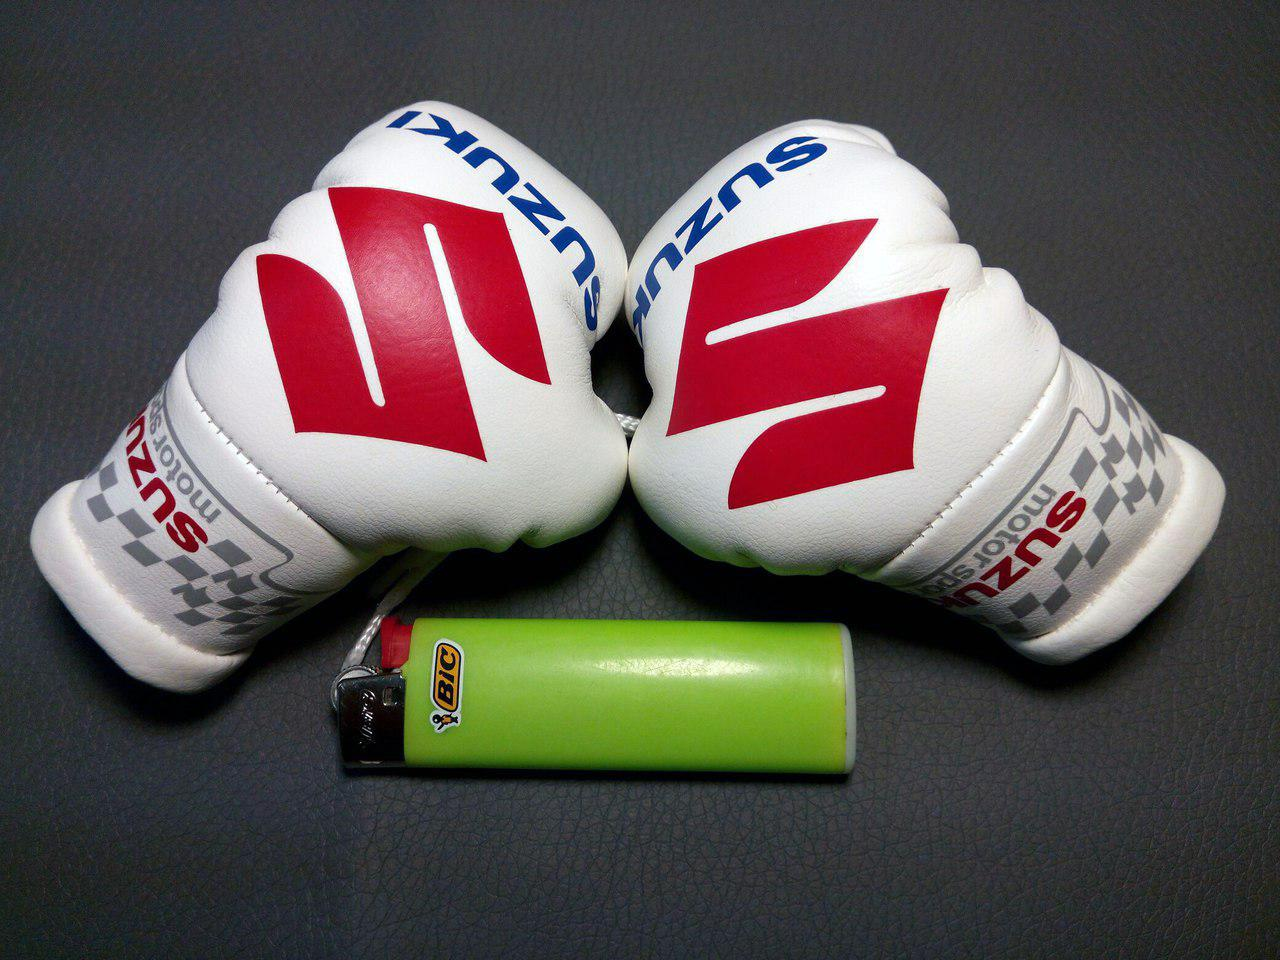 Підвіска боксерські рукавички СУЗУКІ Підвіска боксерські рукавички Авто подарунок Подарунок автолюбителю